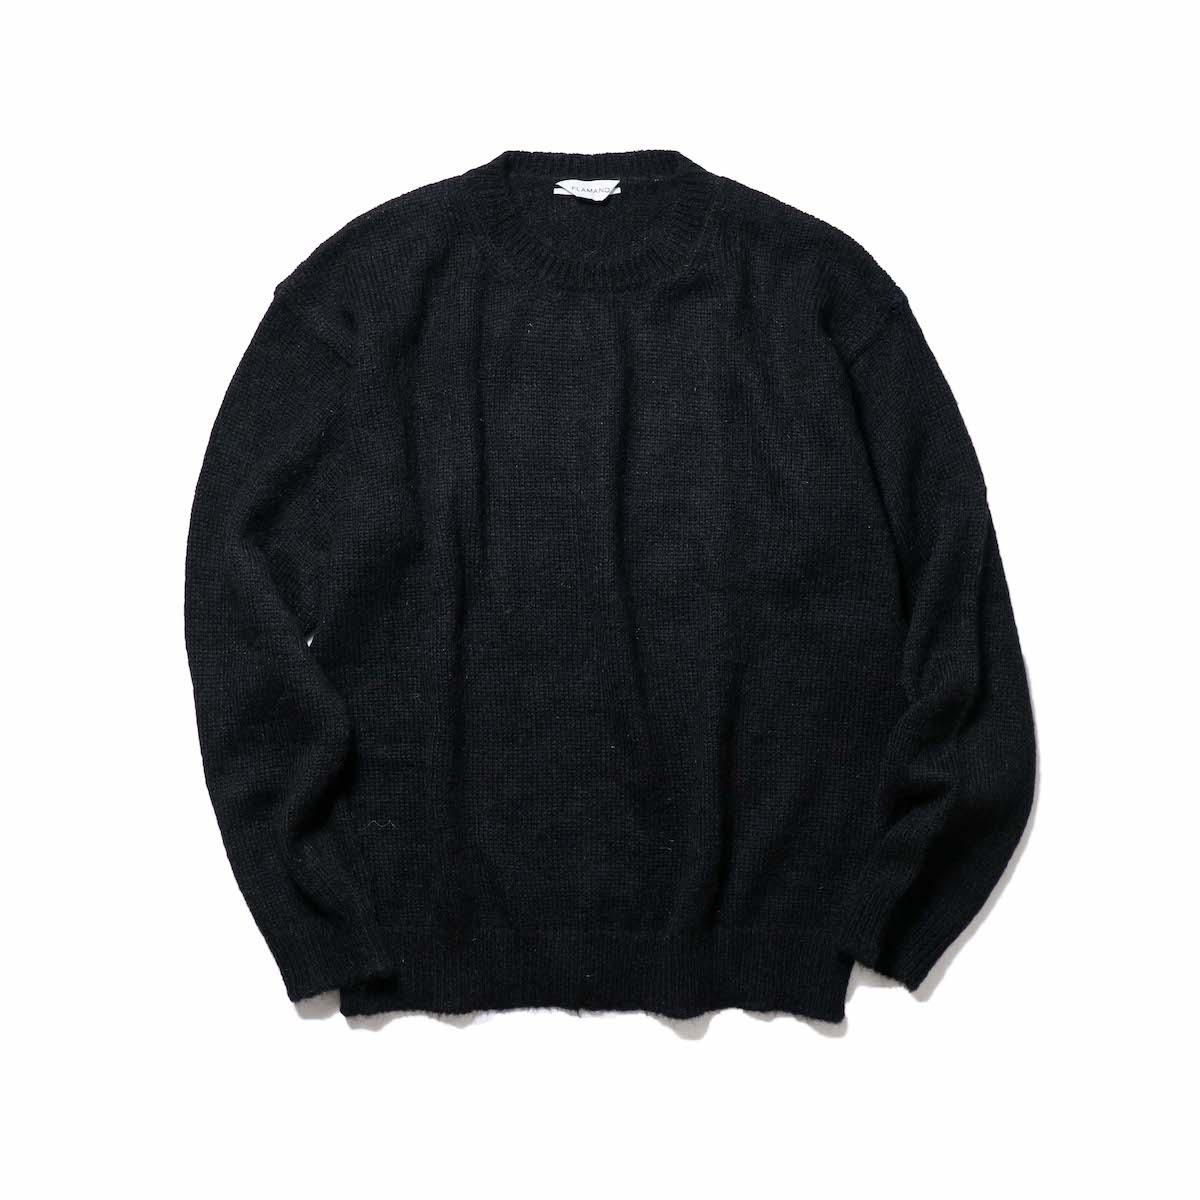 FLAMAND / Mohair Basic (Black)正面